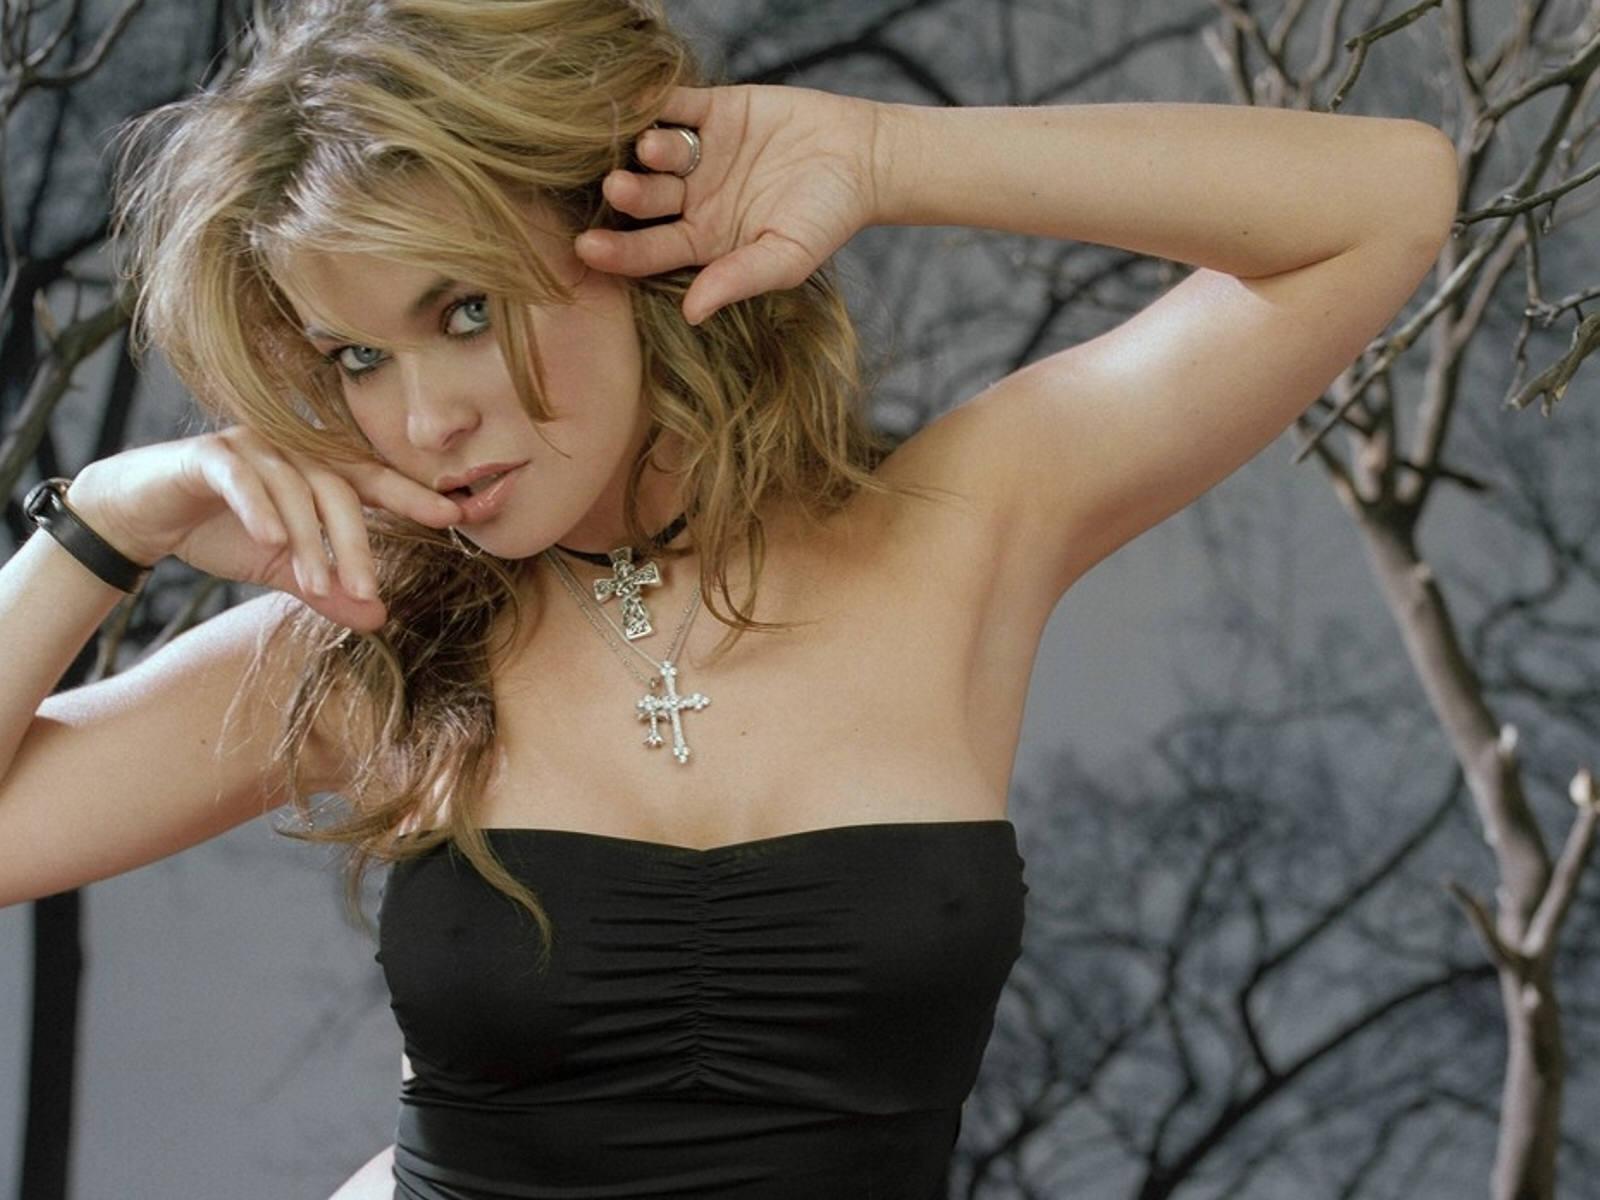 http://4.bp.blogspot.com/_Si7zjQmZnm4/SZm2JSH7HMI/AAAAAAAAB2M/TUrB2xnbuPc/s1600/Fullwalls.blogspot.com_Carmen_Electra(35).jpg